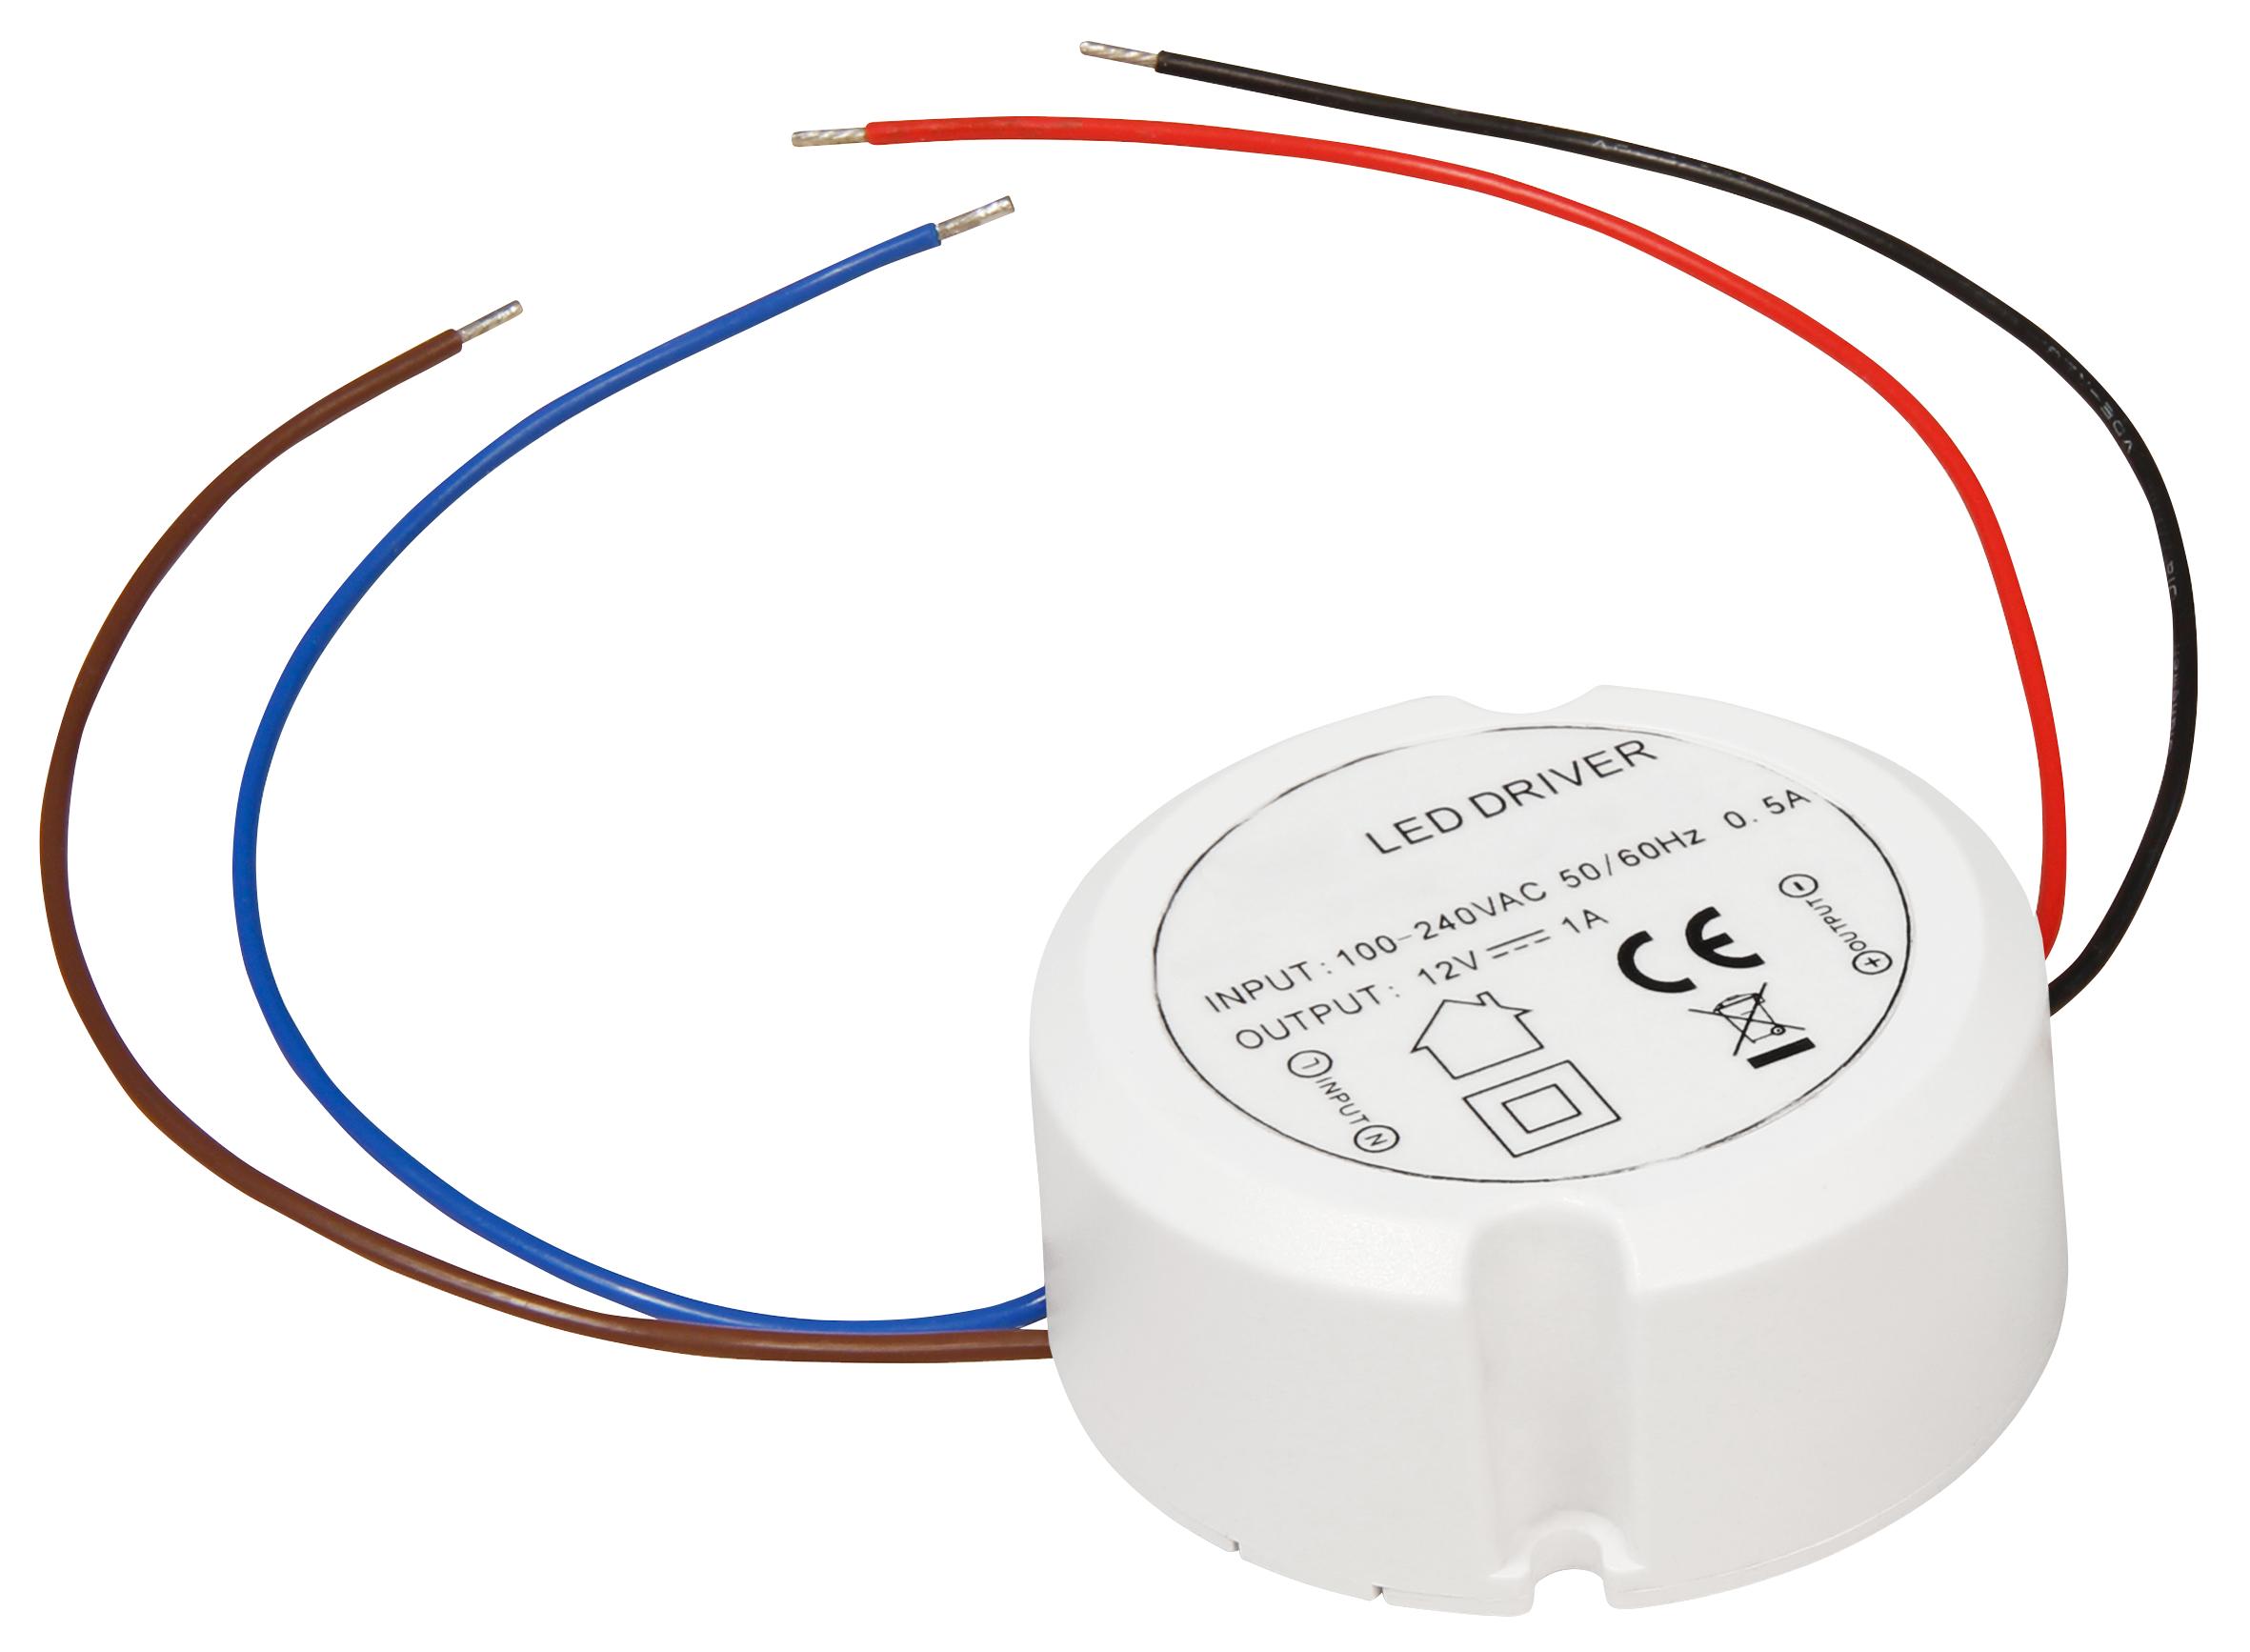 LED-Trafo McShine, elektronisch, 0,5-12W, 230V auf 12V, Ø55x23mm, rund